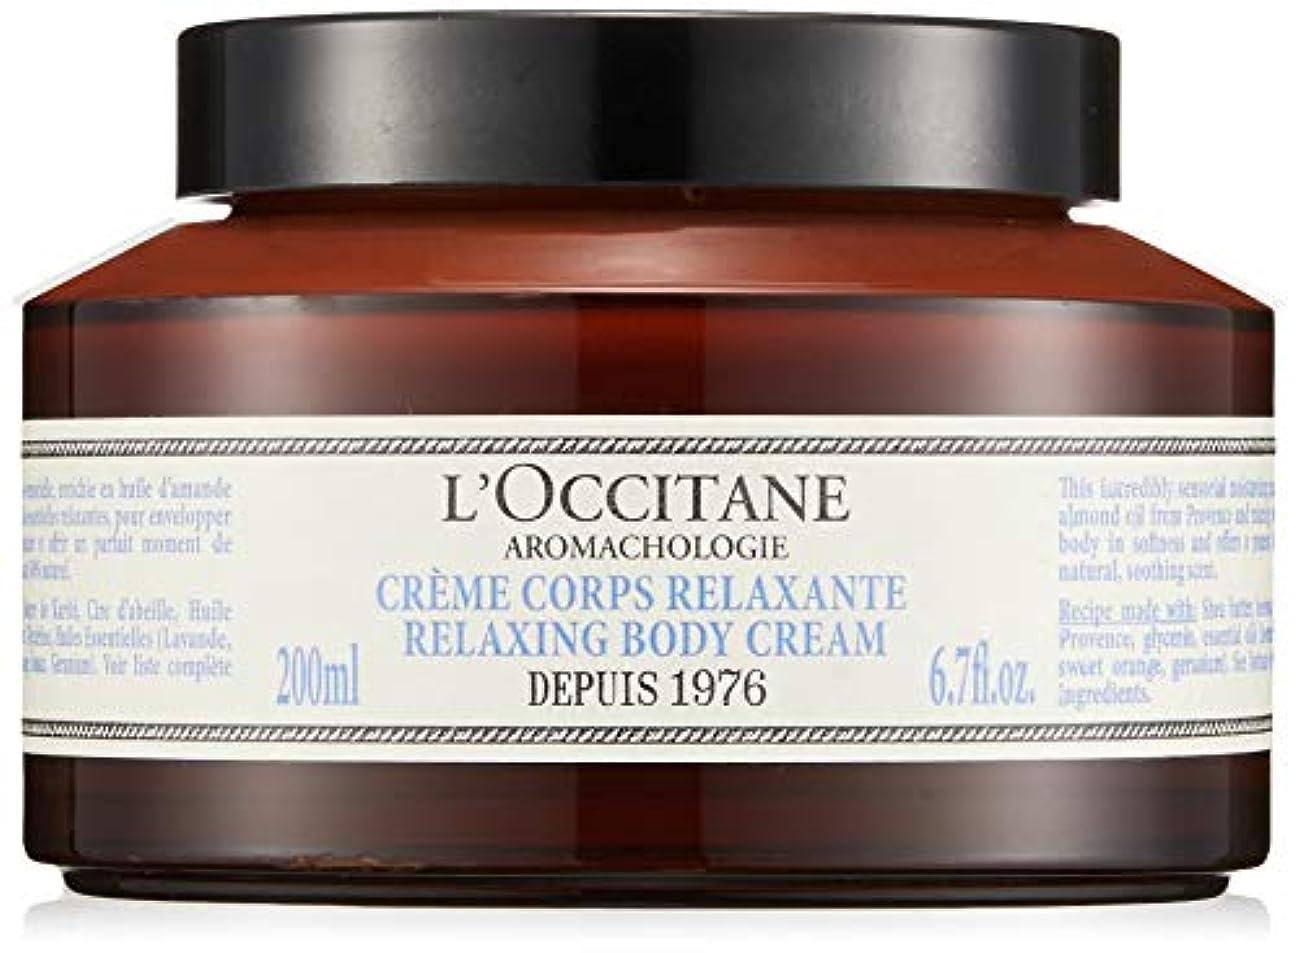 危険石油覚醒ロクシタン(L'OCCITANE) リラクシング ボディクリーム 200ml